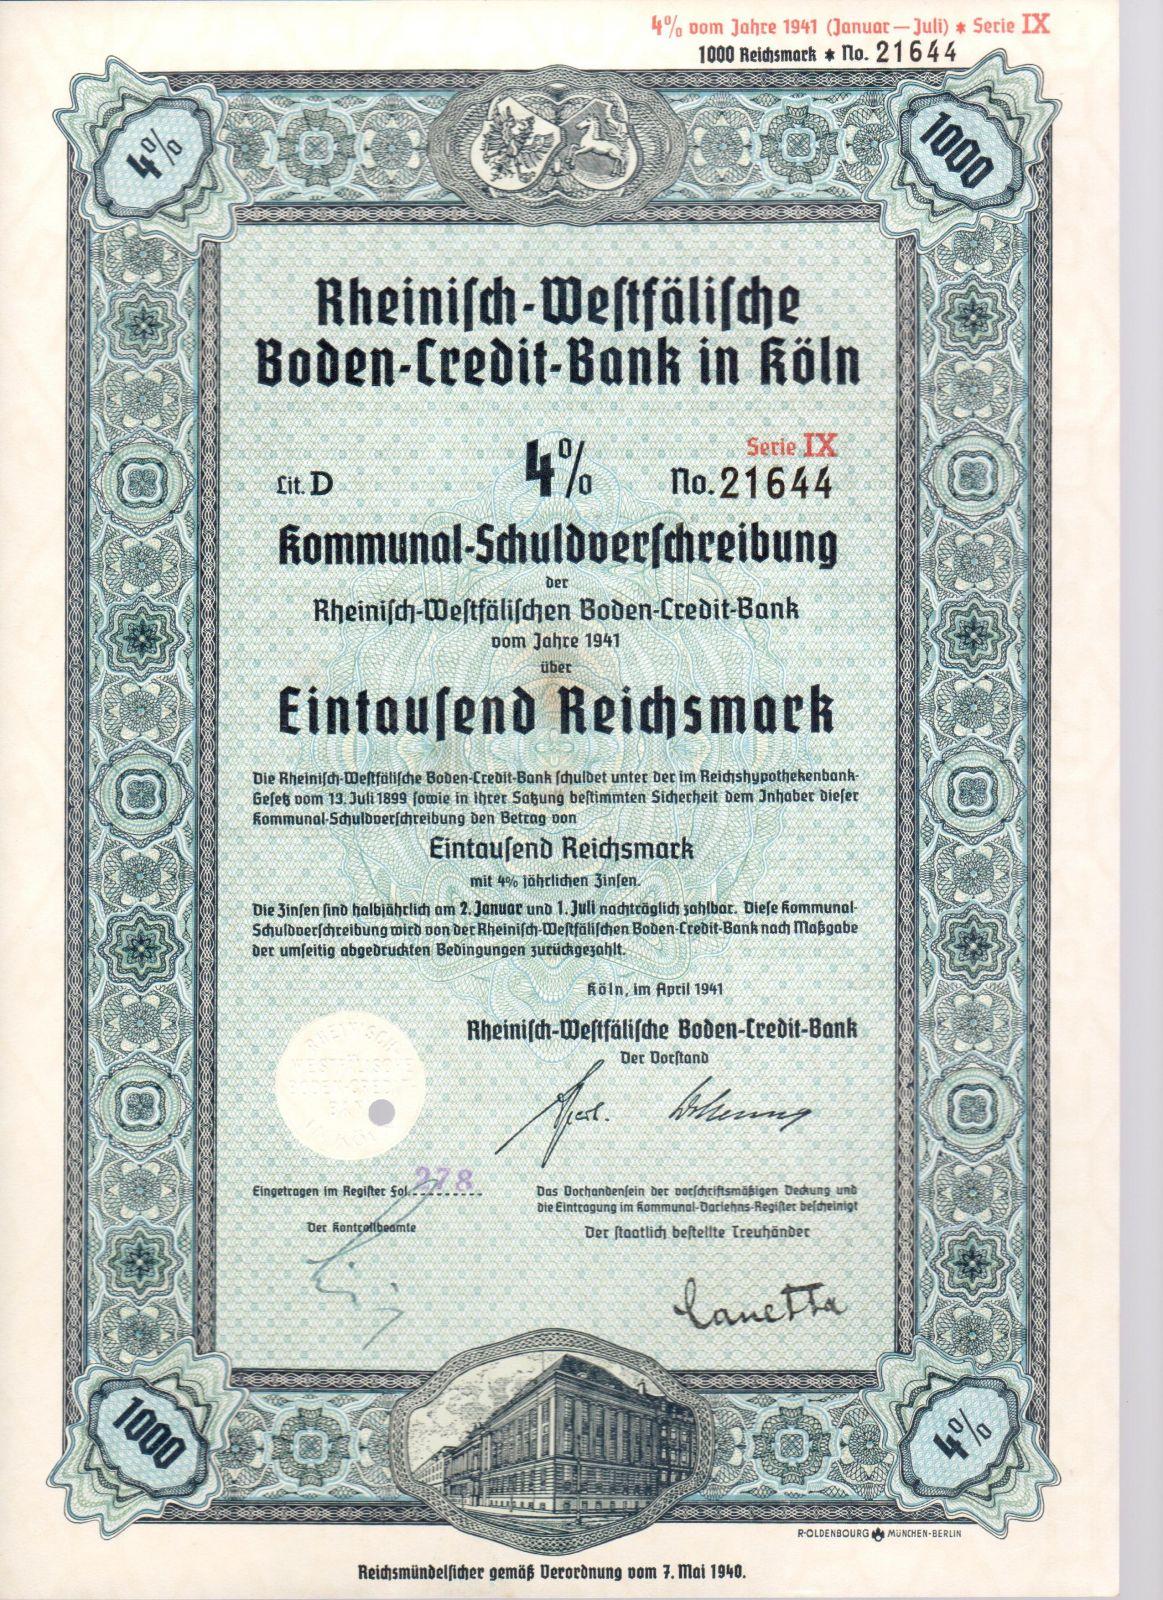 Dluhopis Rheinisch-Westfälische Boden-Credit-Bank in Köln/1941/ 1000 Reichsmark, 4%, formát A4